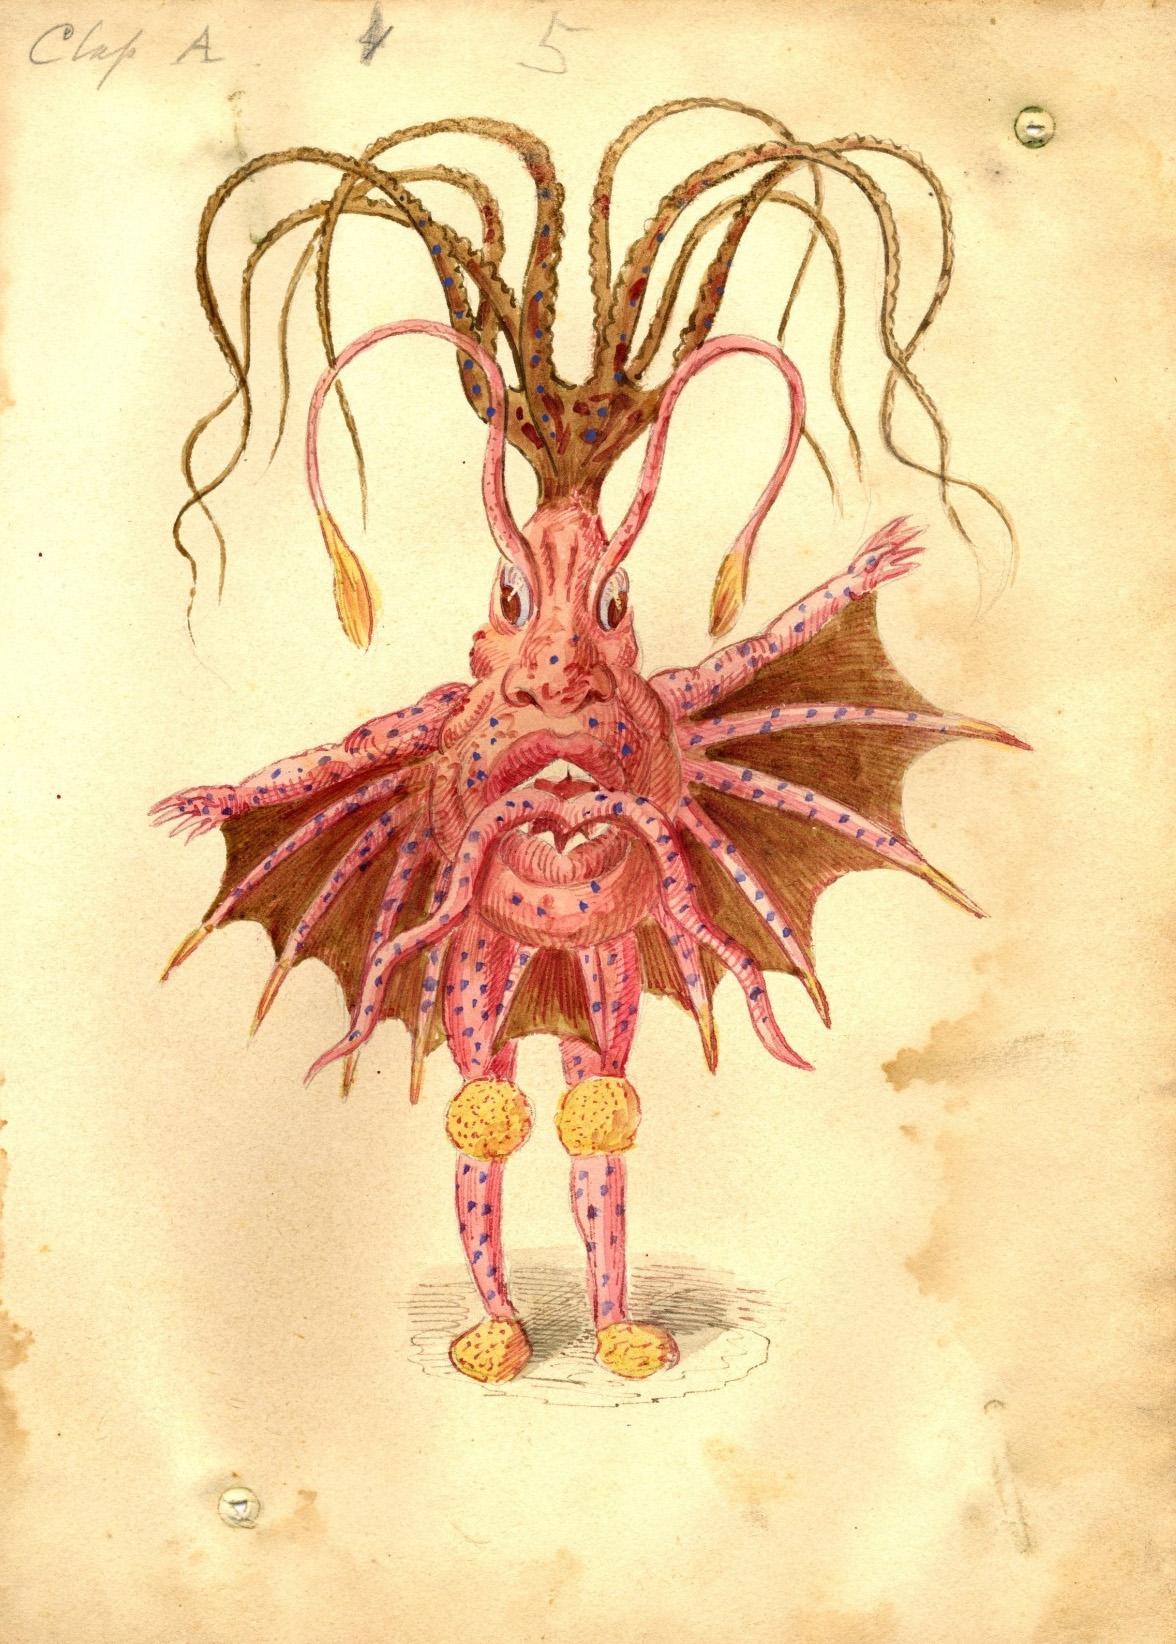 Charles Briton - Sea Nettle Costume Design,1873